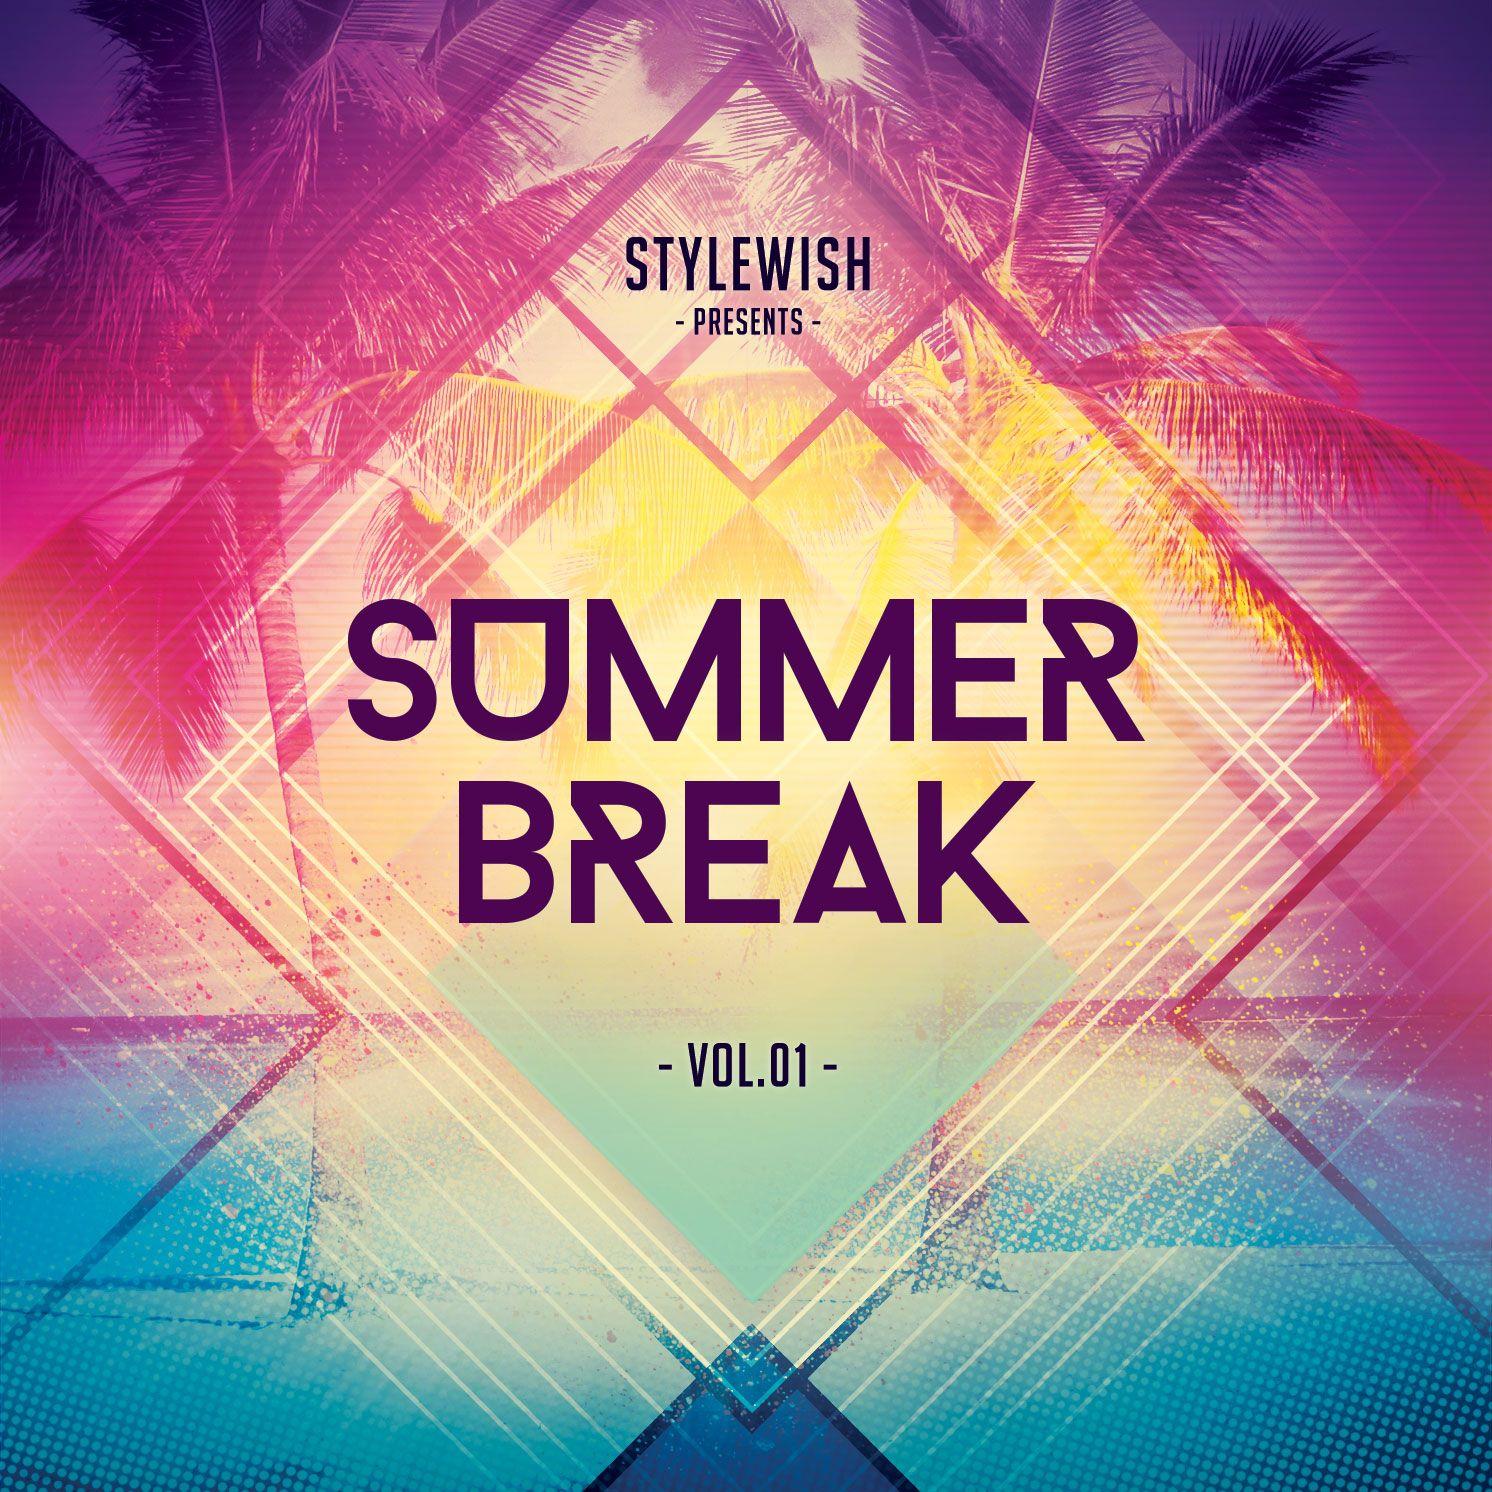 cd case artwork template - summer break cd cover artwork pinterest cd cover cd